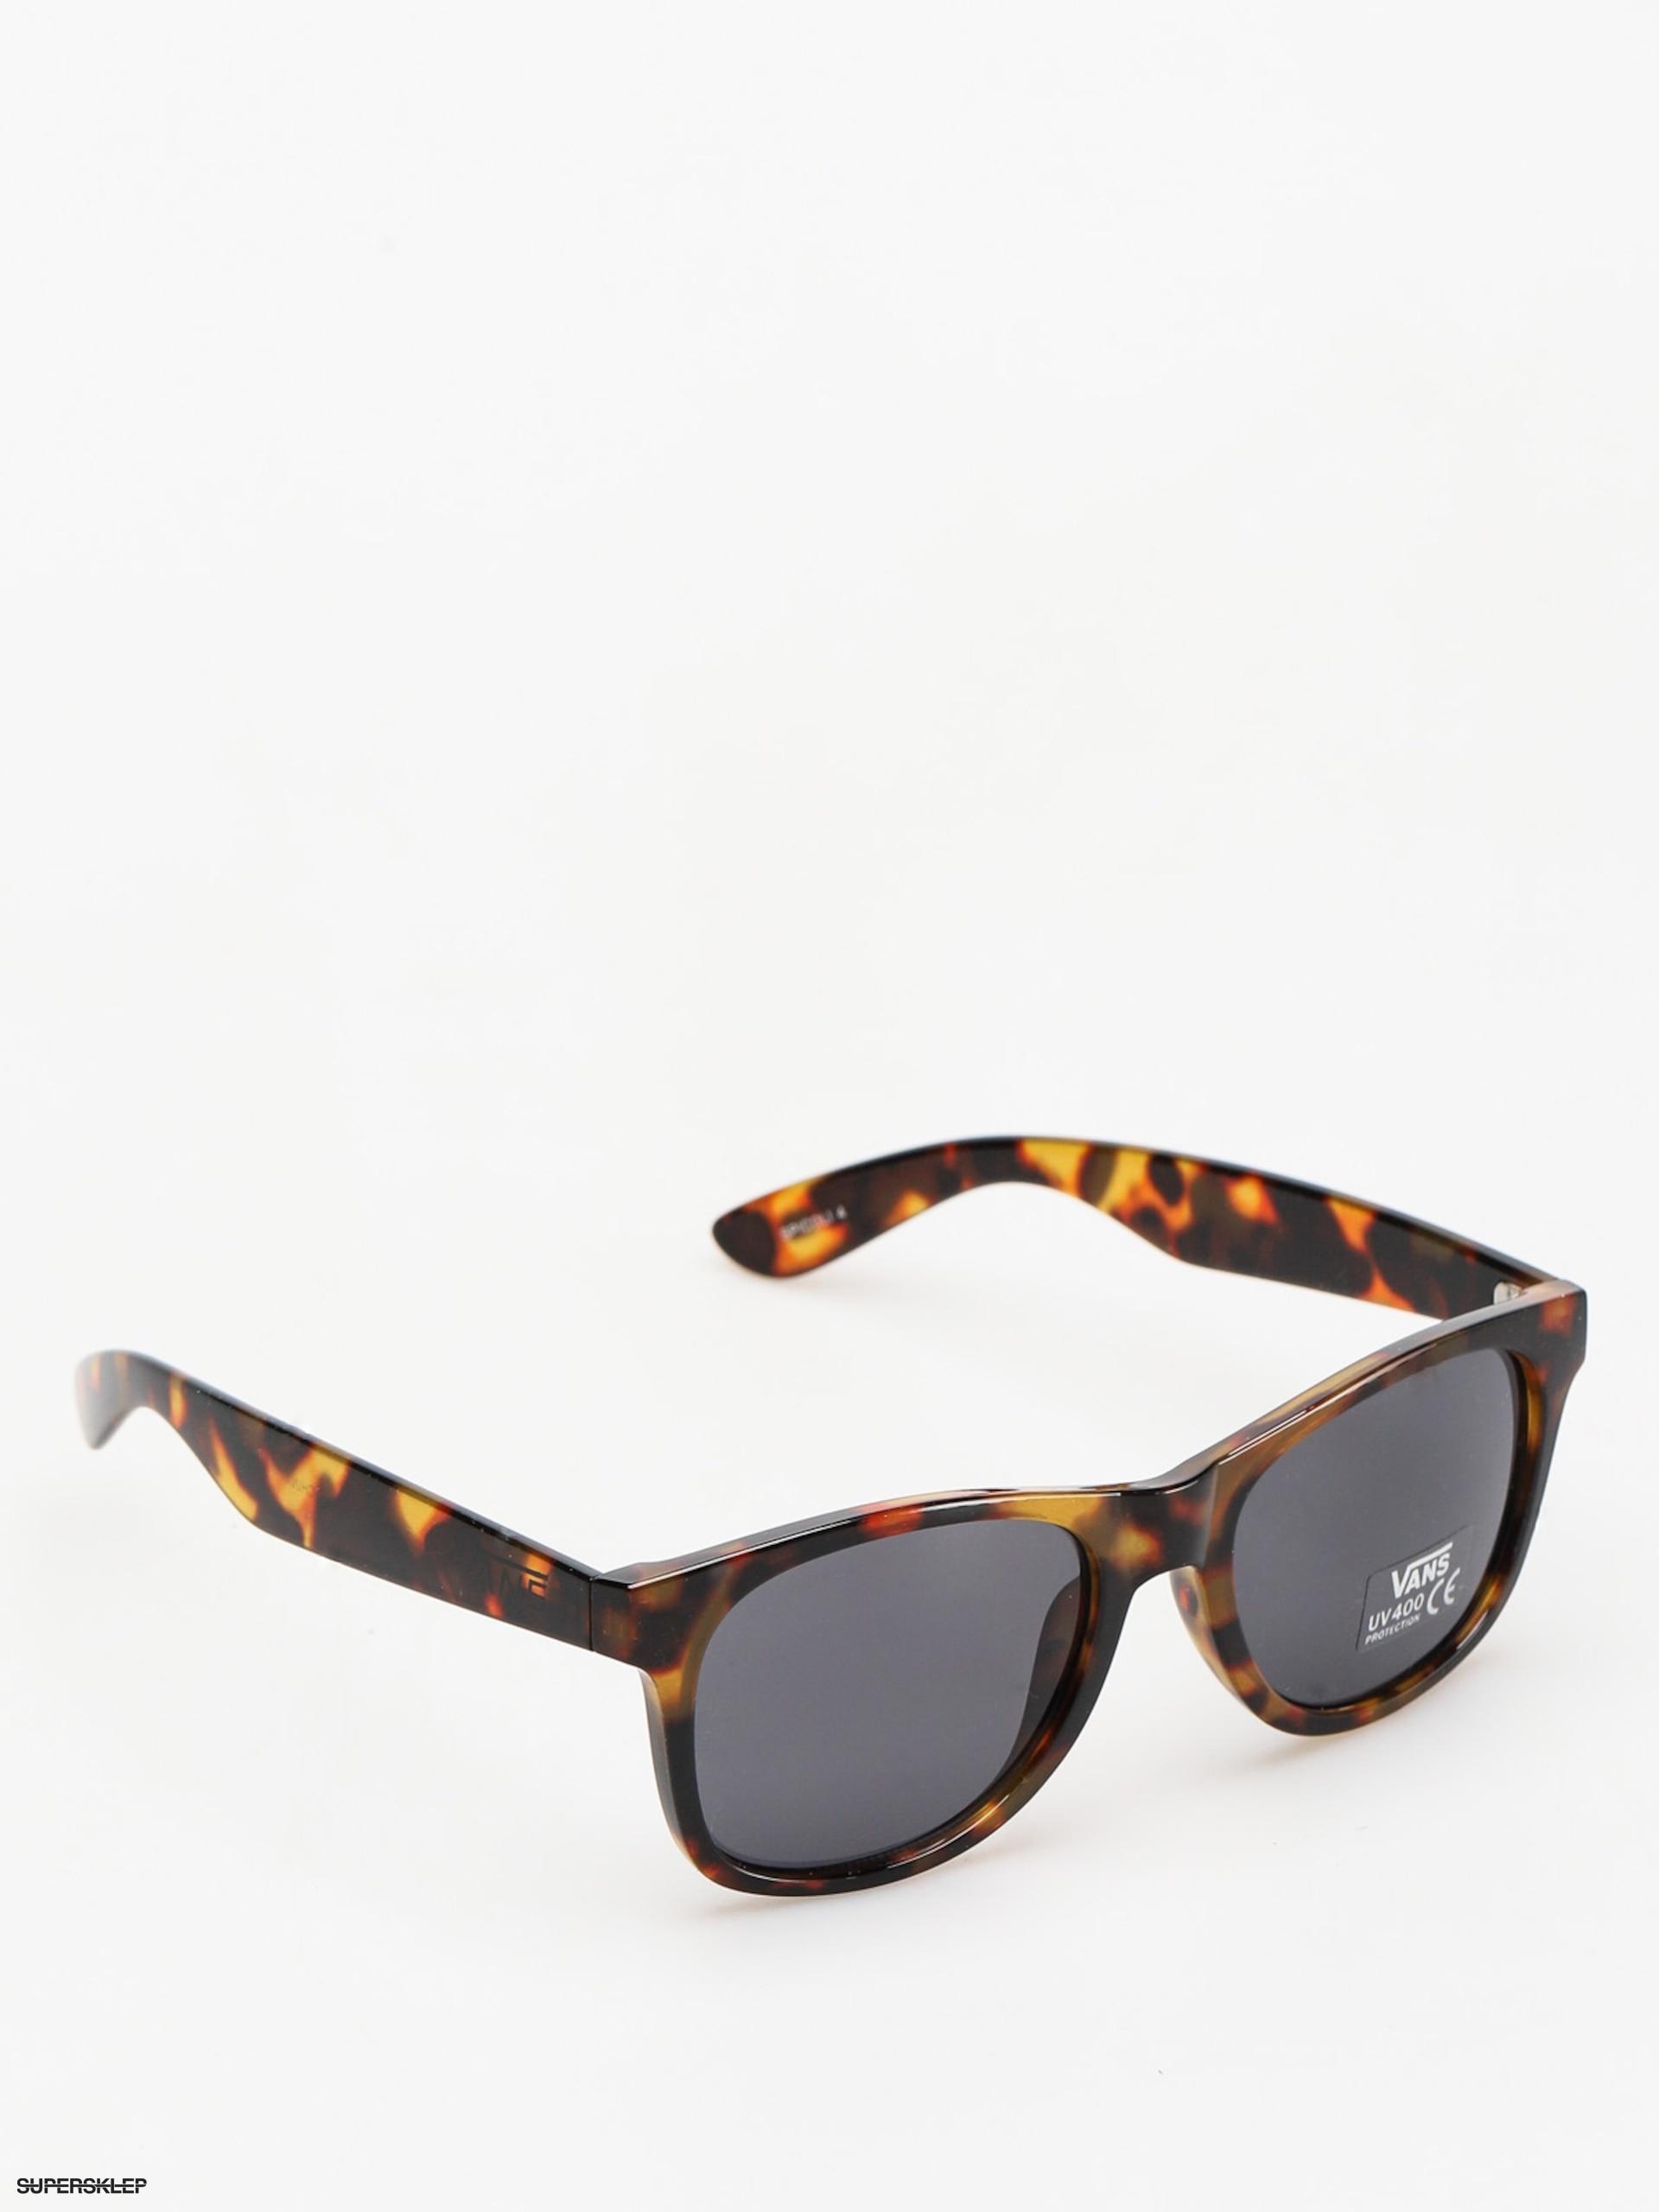 40d9e0e30 Slnečné okuliare Vans Spicoli 4 Shades (cheetah tortoise)